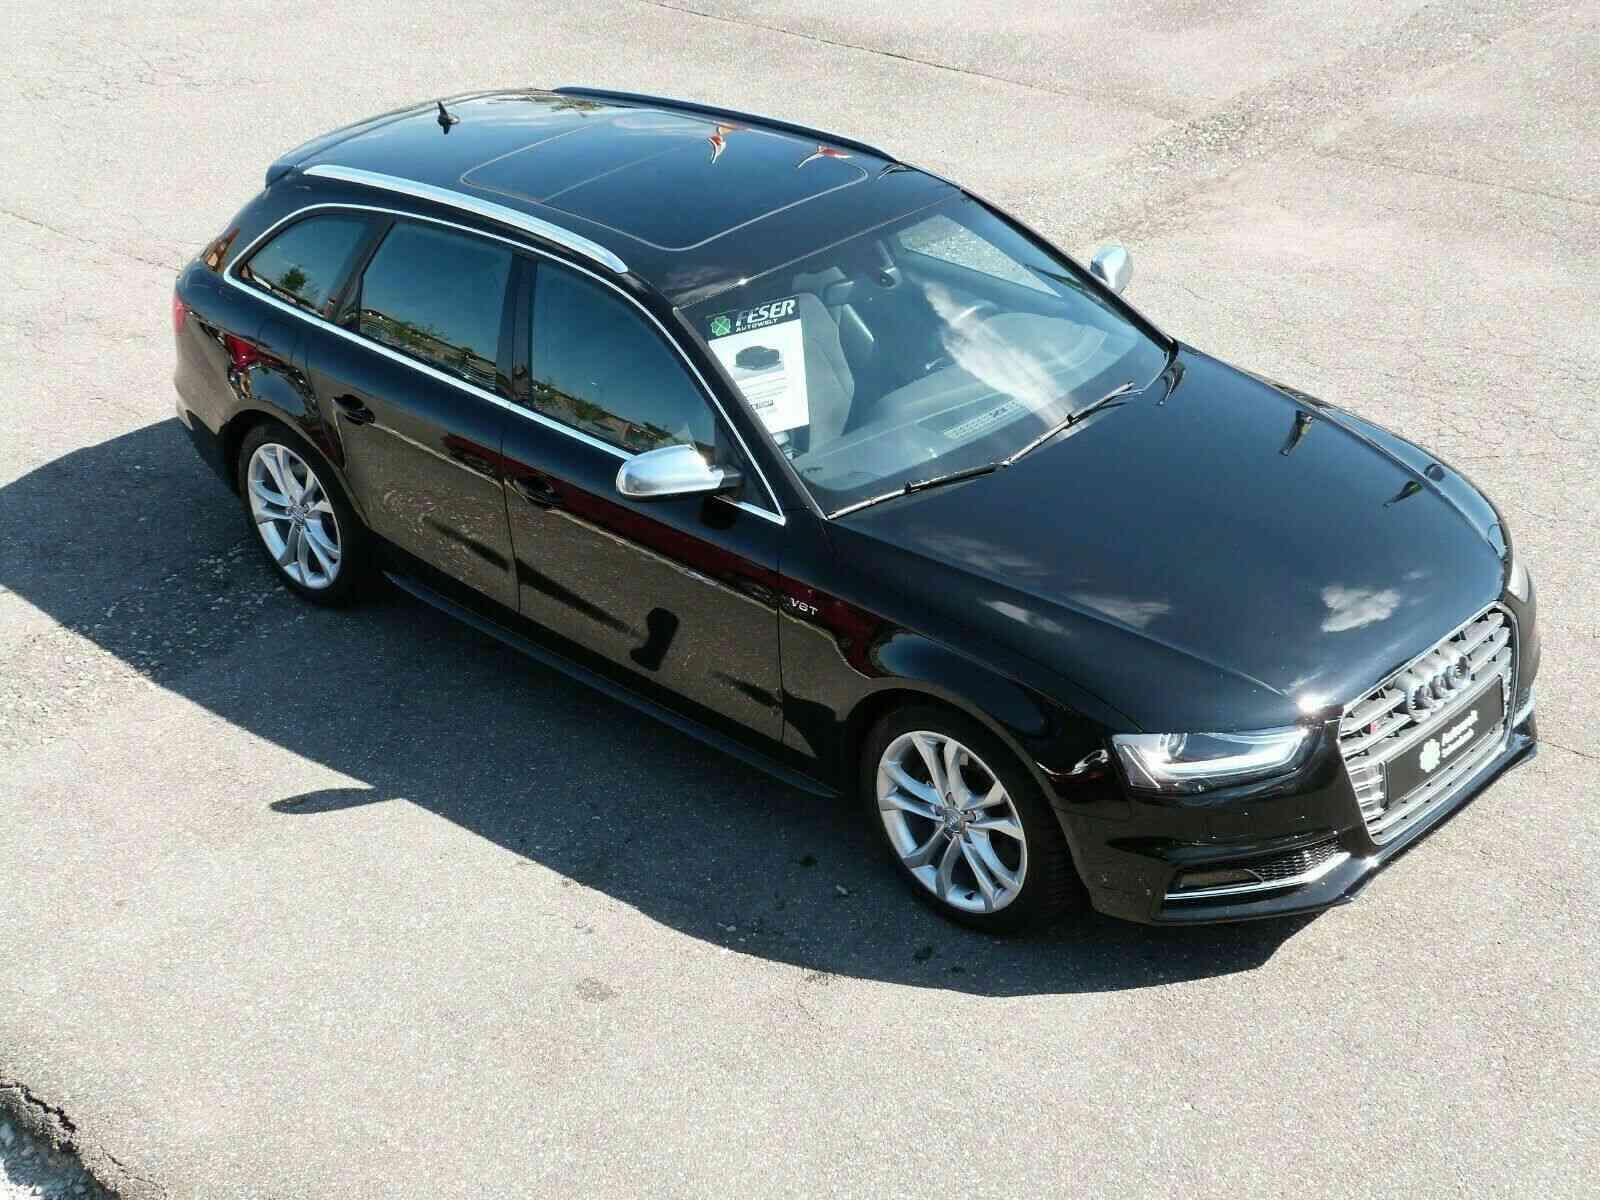 Audi S4 Avant 3.0 TFSI qu PANO NAVI XENON eKLAPPE, Jahr 2015, Benzin